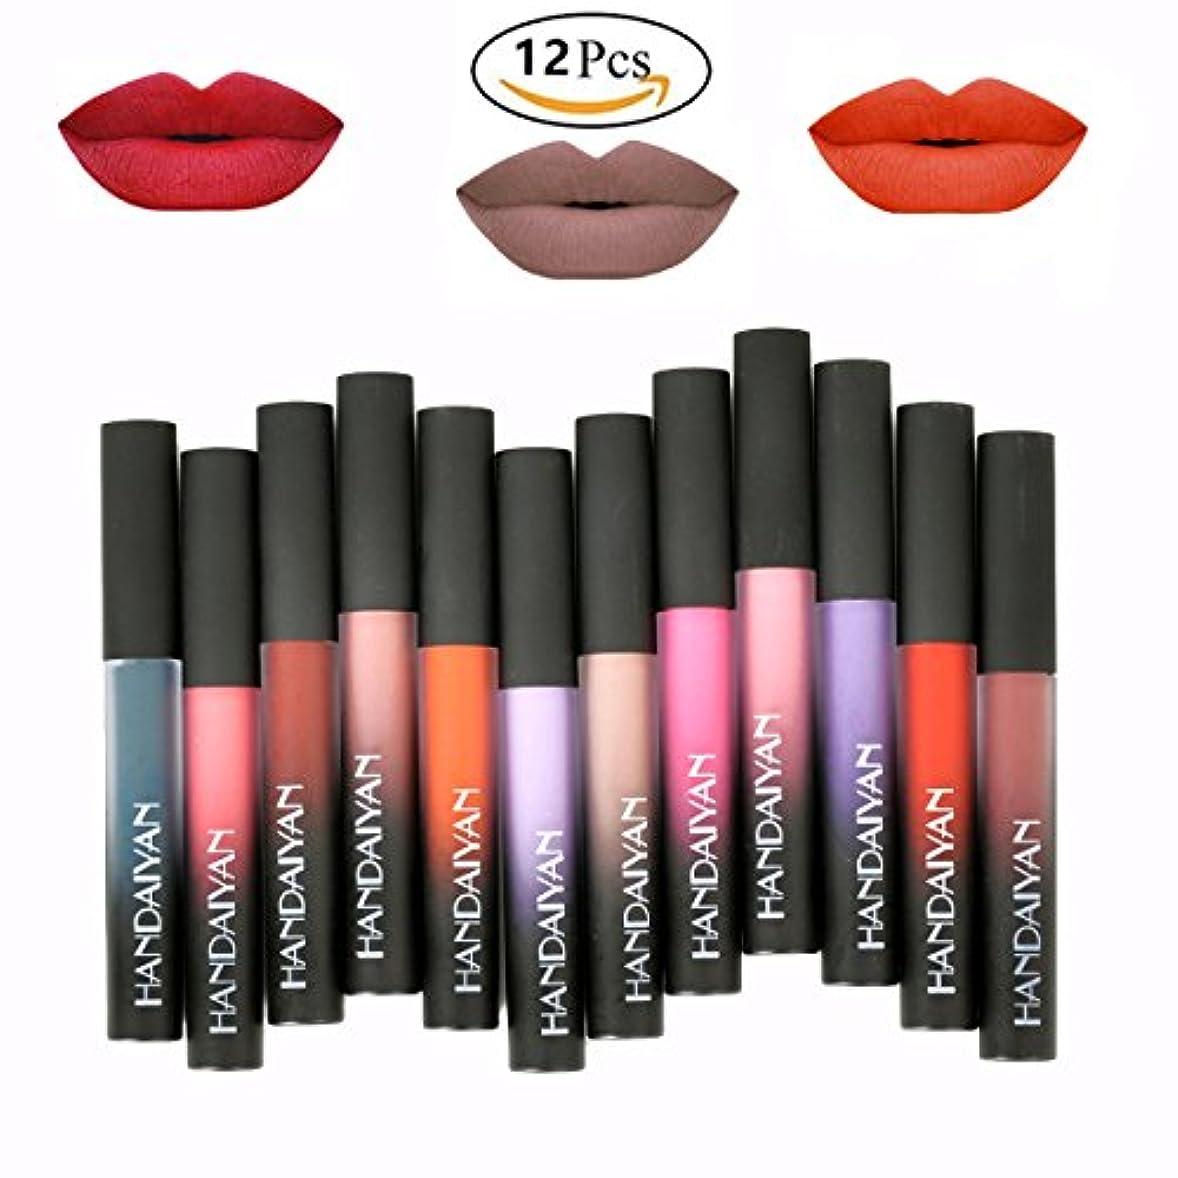 閲覧する道路先入観12 Colors Waterproof Long Lasting Durable Matte Liquid Lipstick Beauty Lip Gloss   Sexy Fashionable Colors Lipsticks...